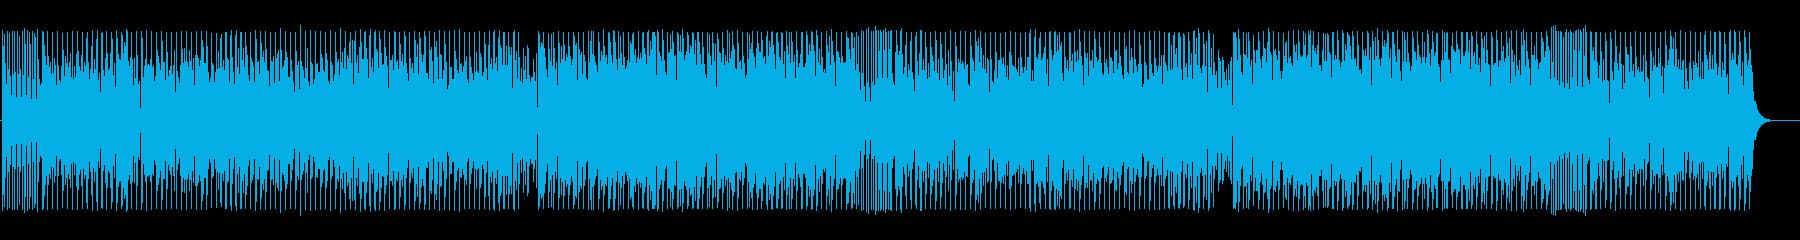 奇怪で不思議なテクノBGMの再生済みの波形